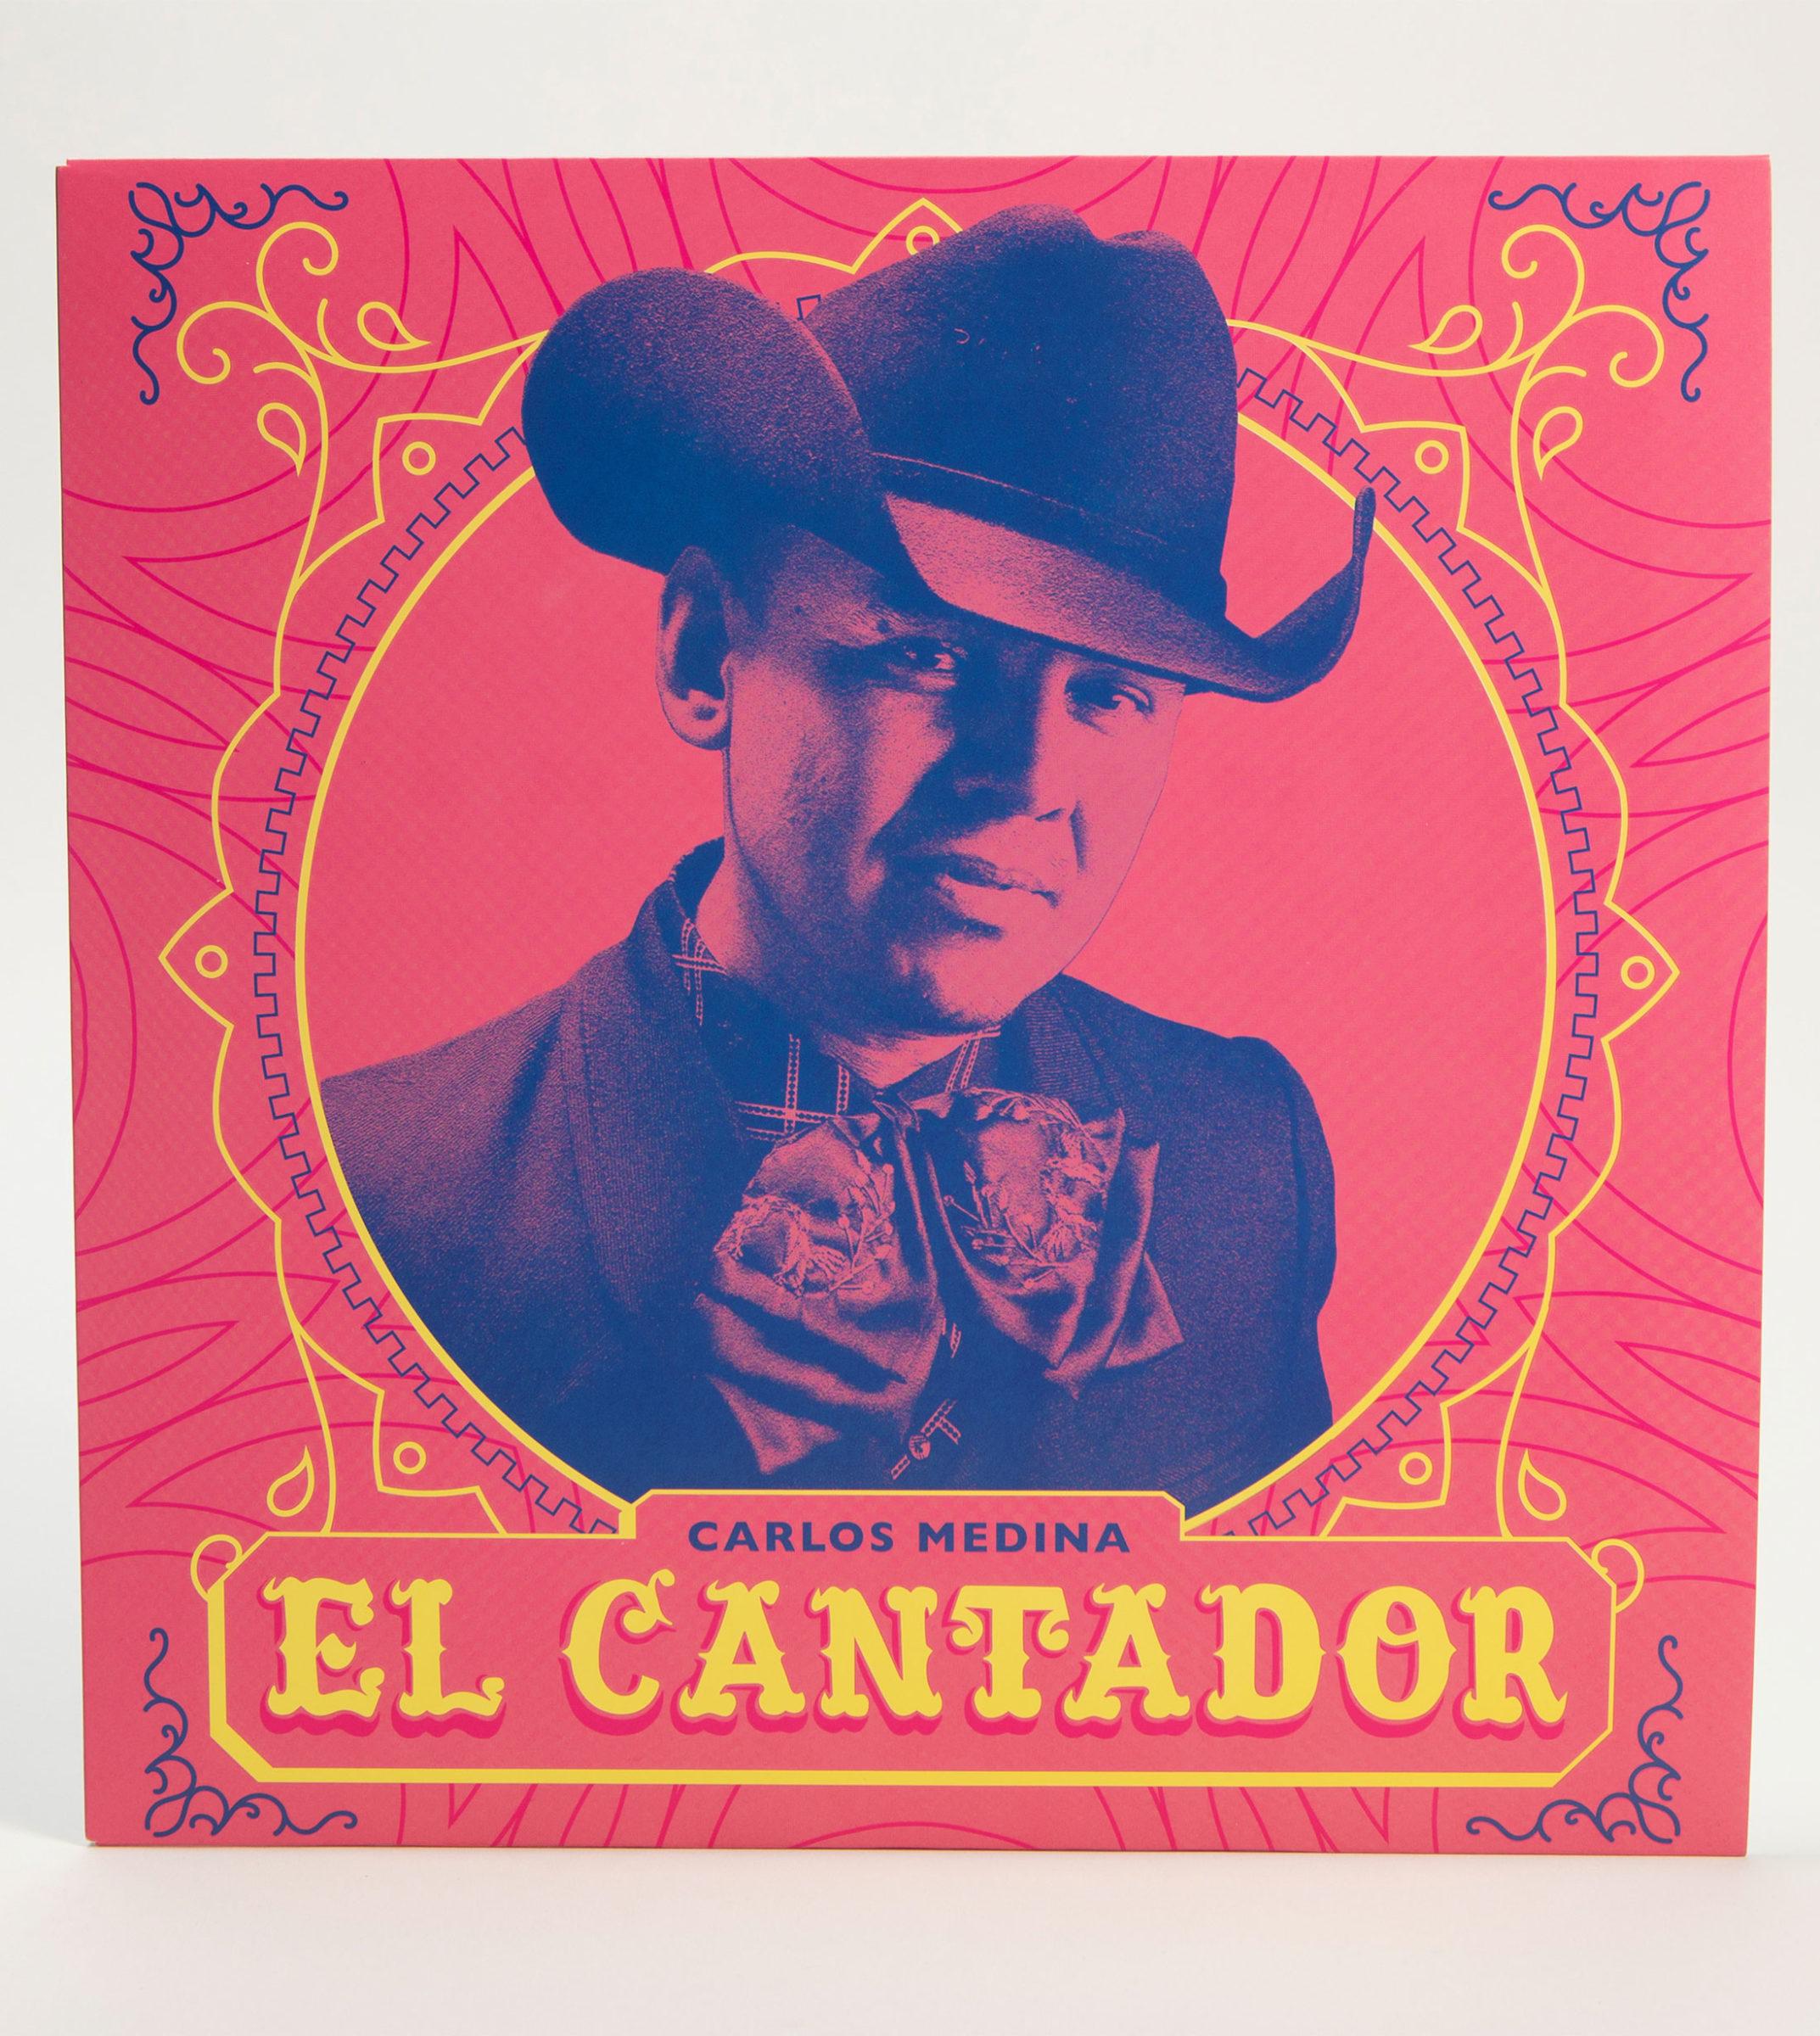 Carlos_Medina_Vinyl